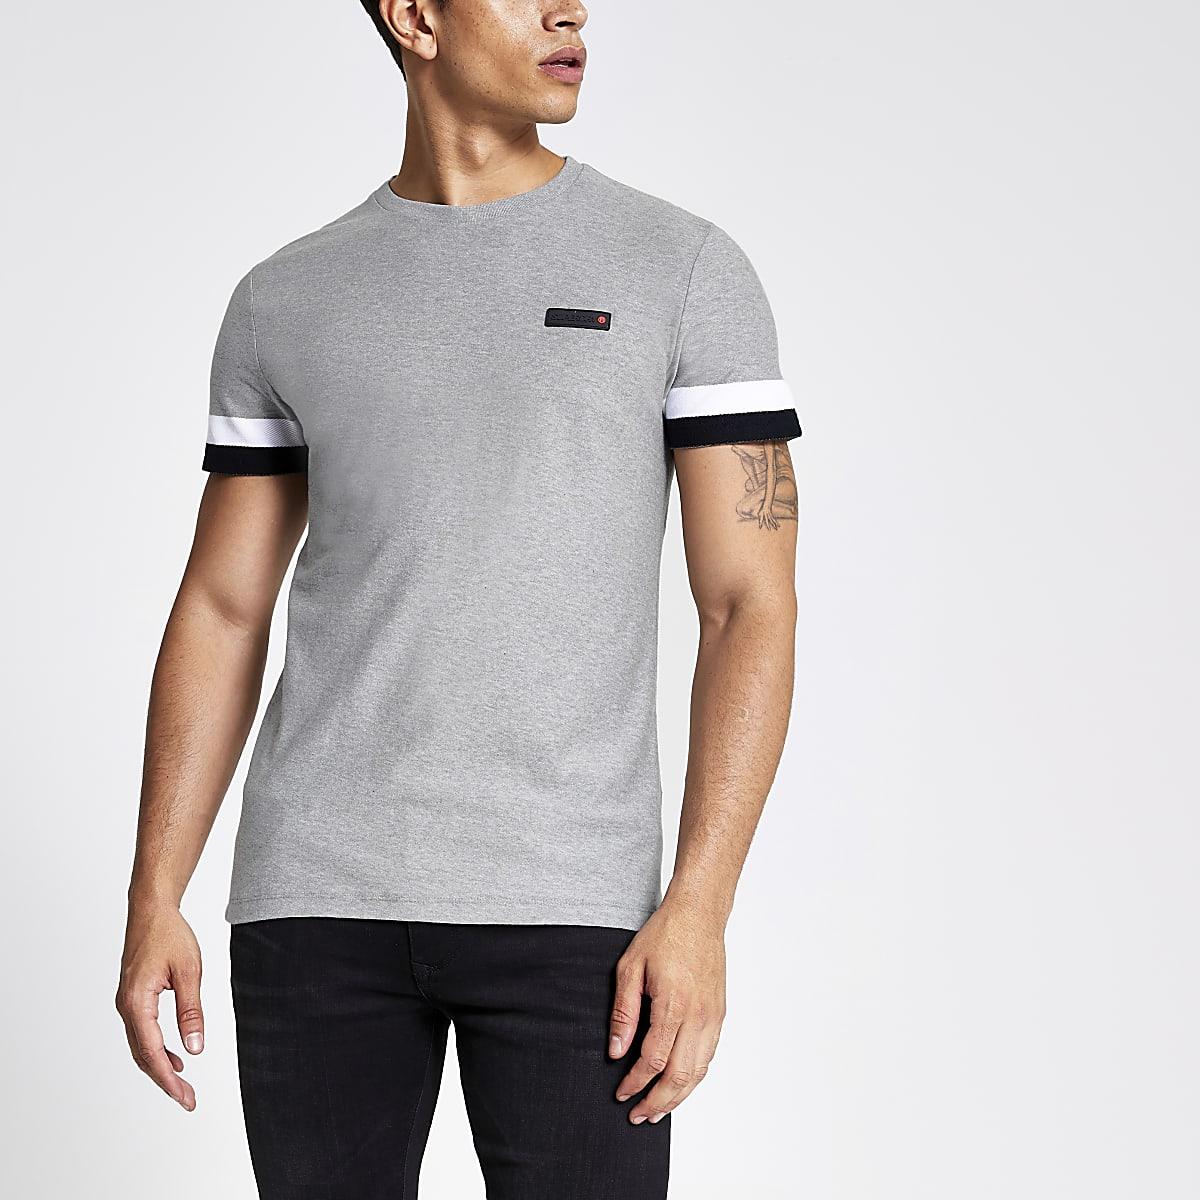 Superdry – International – T-shirt gris